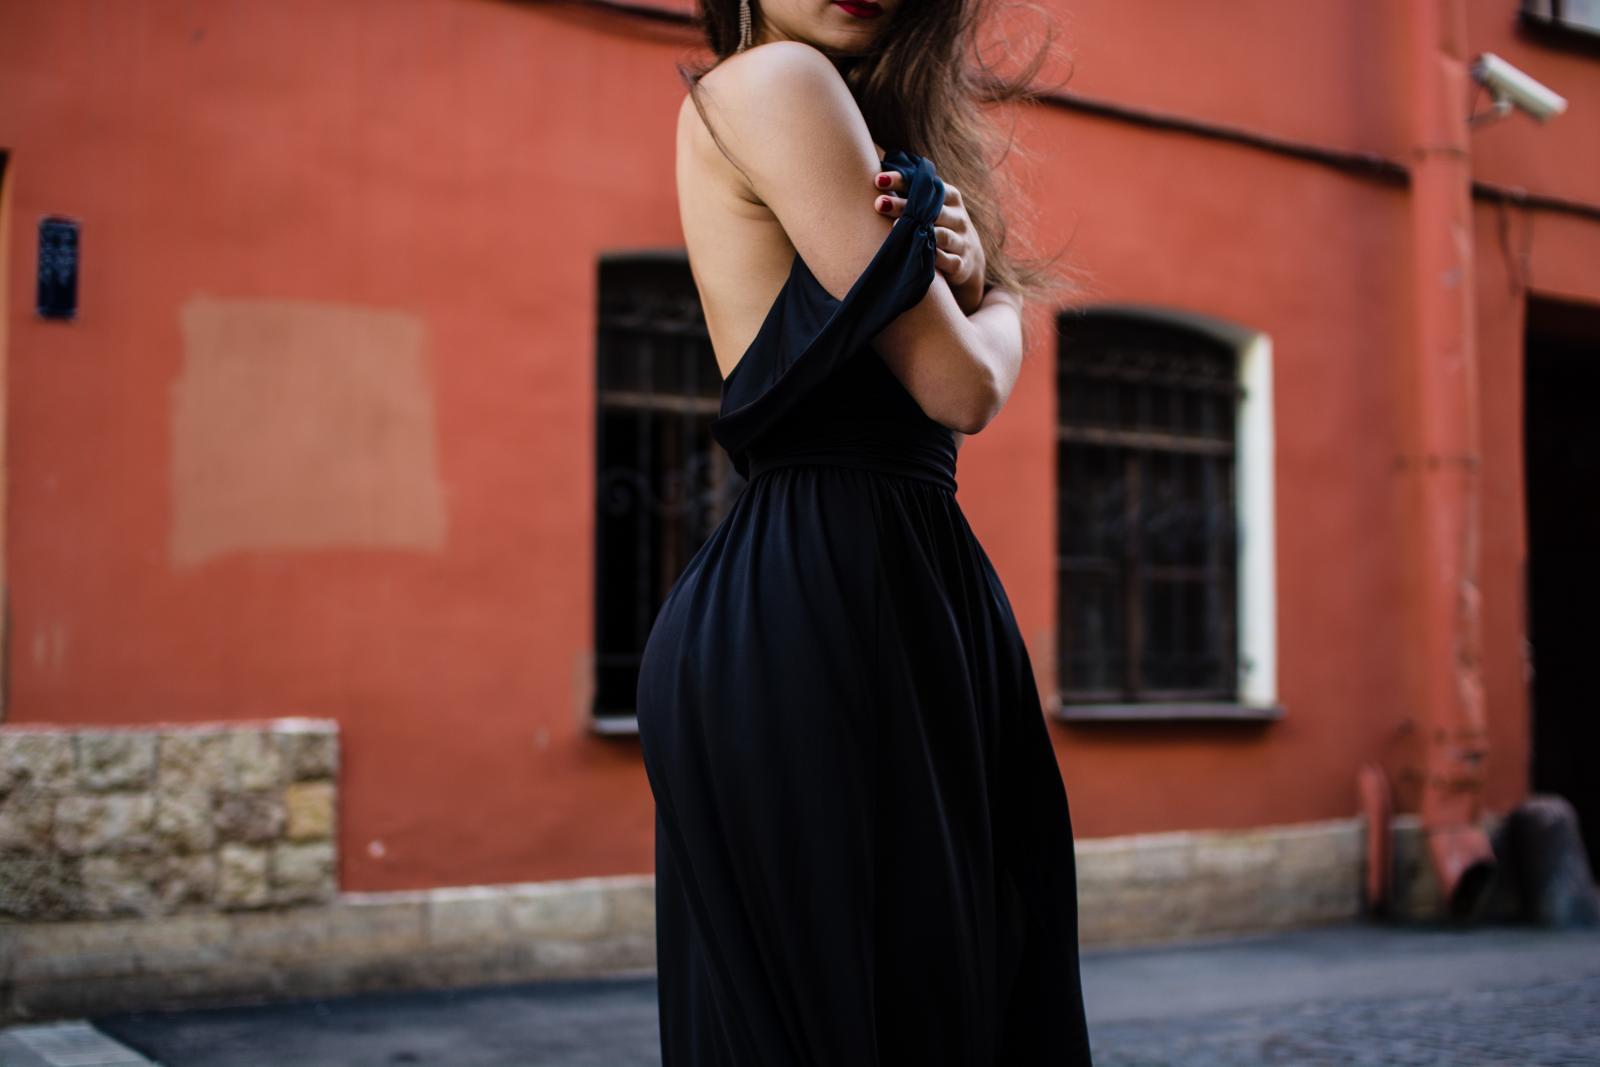 Svi mi imamo u ormaru onaj jedan komad od kojeg nam se tako teško odvojiti - ako je to crna haljina, ni ne morate.